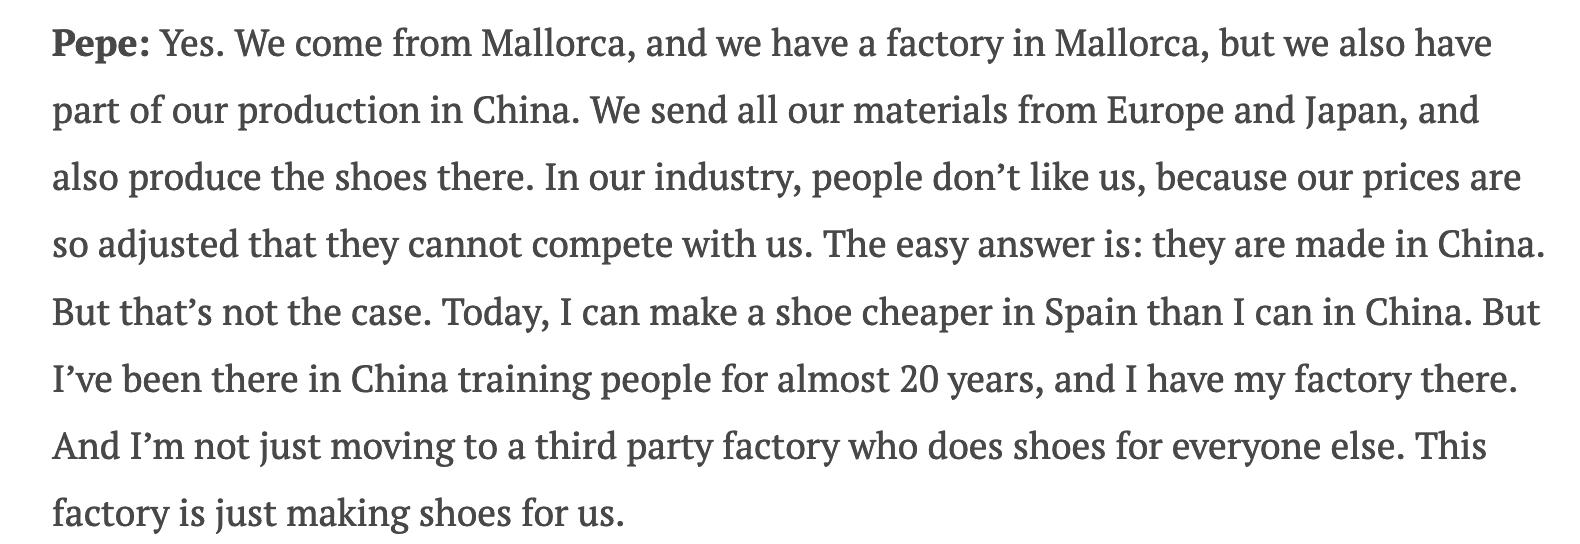 La théorie économique selon le directeur de Meermin, faire produire en Chine est plus cher qu'en Europe. Ça en dit long sur le QI des clients qui avalent le mensonge et sur son degré d'intégrité. (Source: Stitchdown).